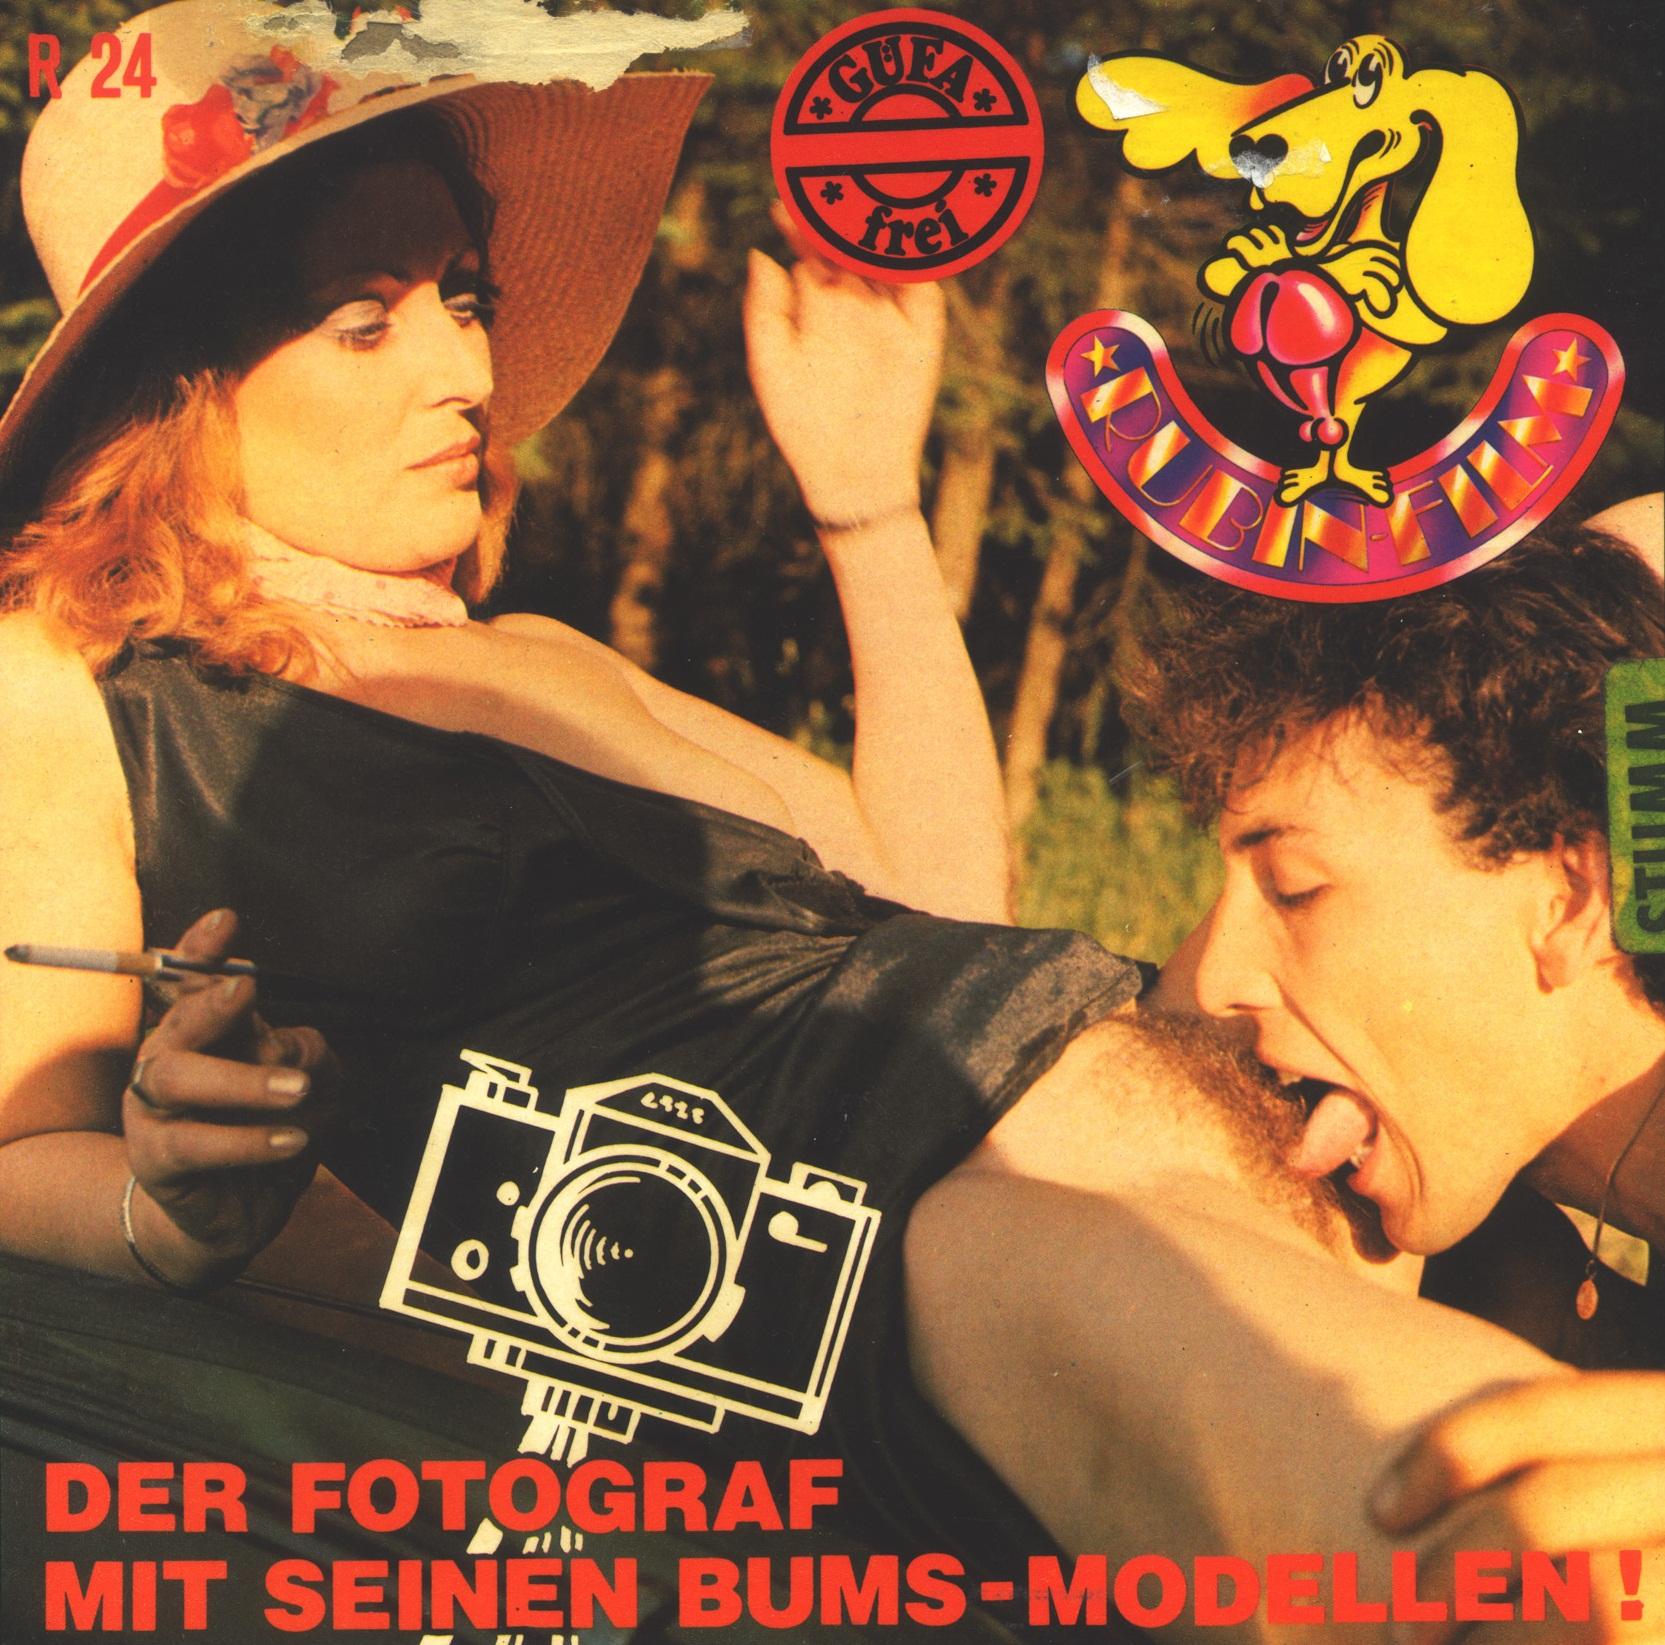 Rubin Film 24 – Der Fotograf mit seinen Bums-Modellen